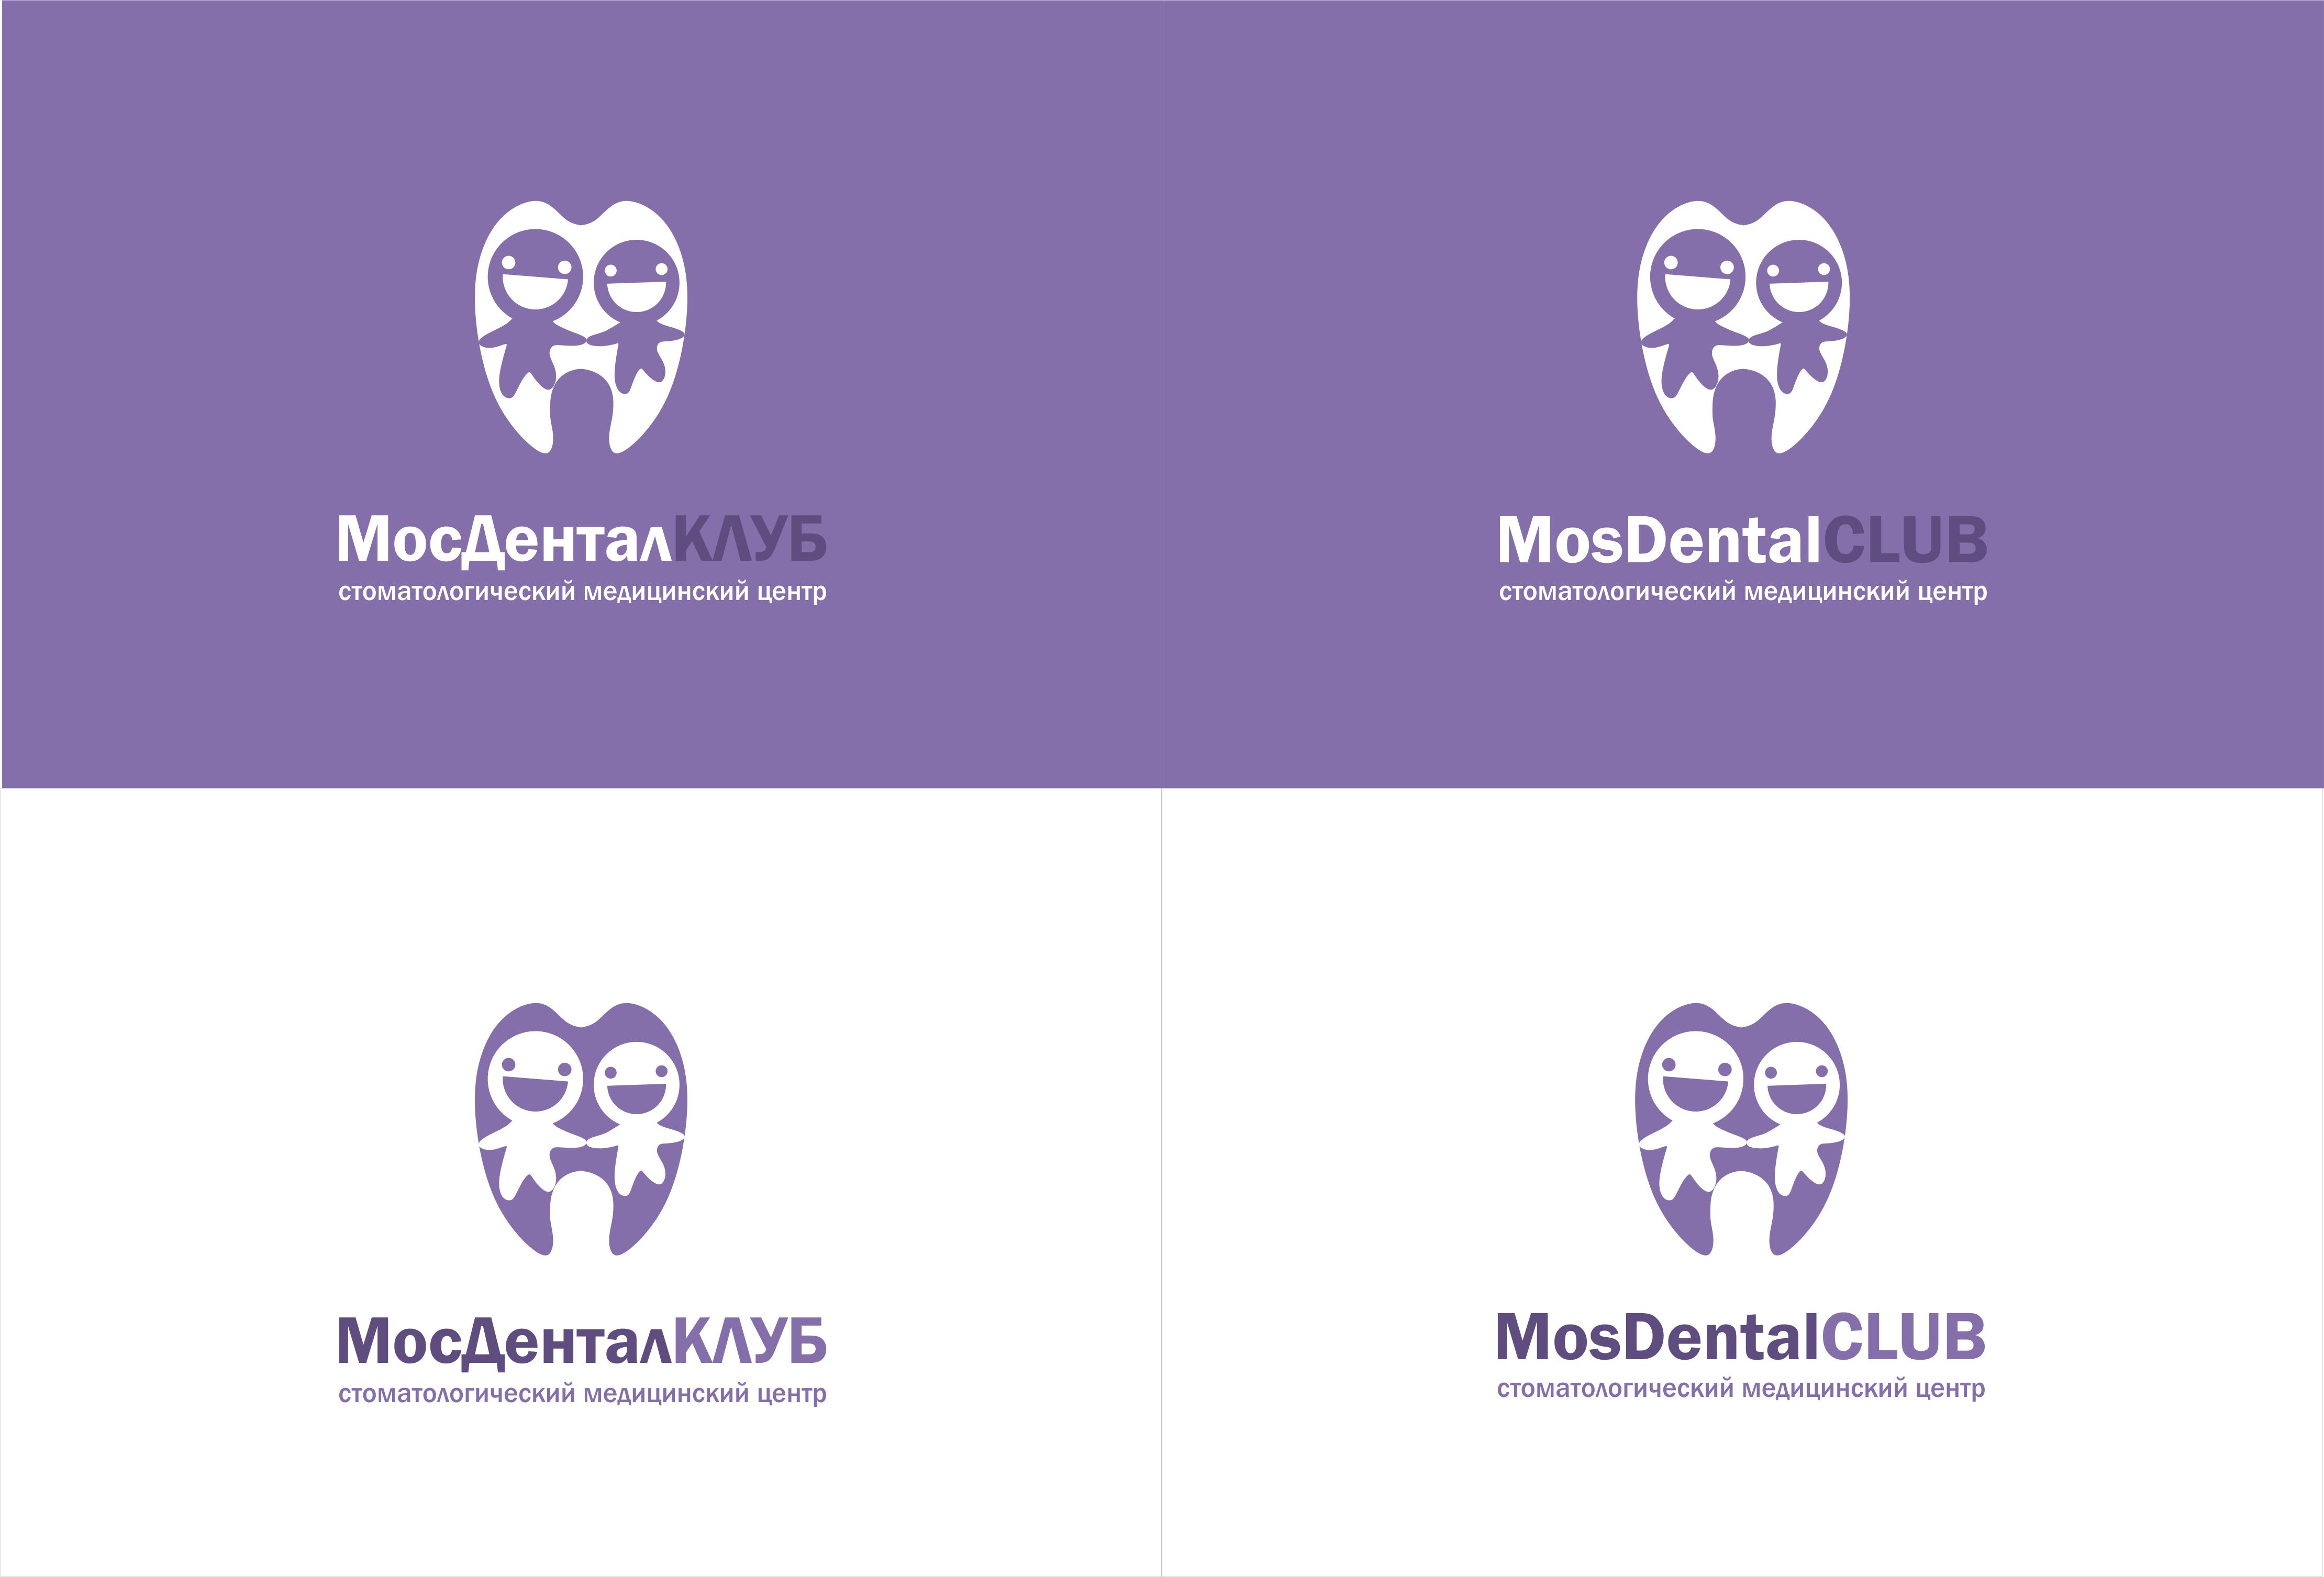 Разработка логотипа стоматологического медицинского центра фото f_9375e4a57b0bc0a2.png